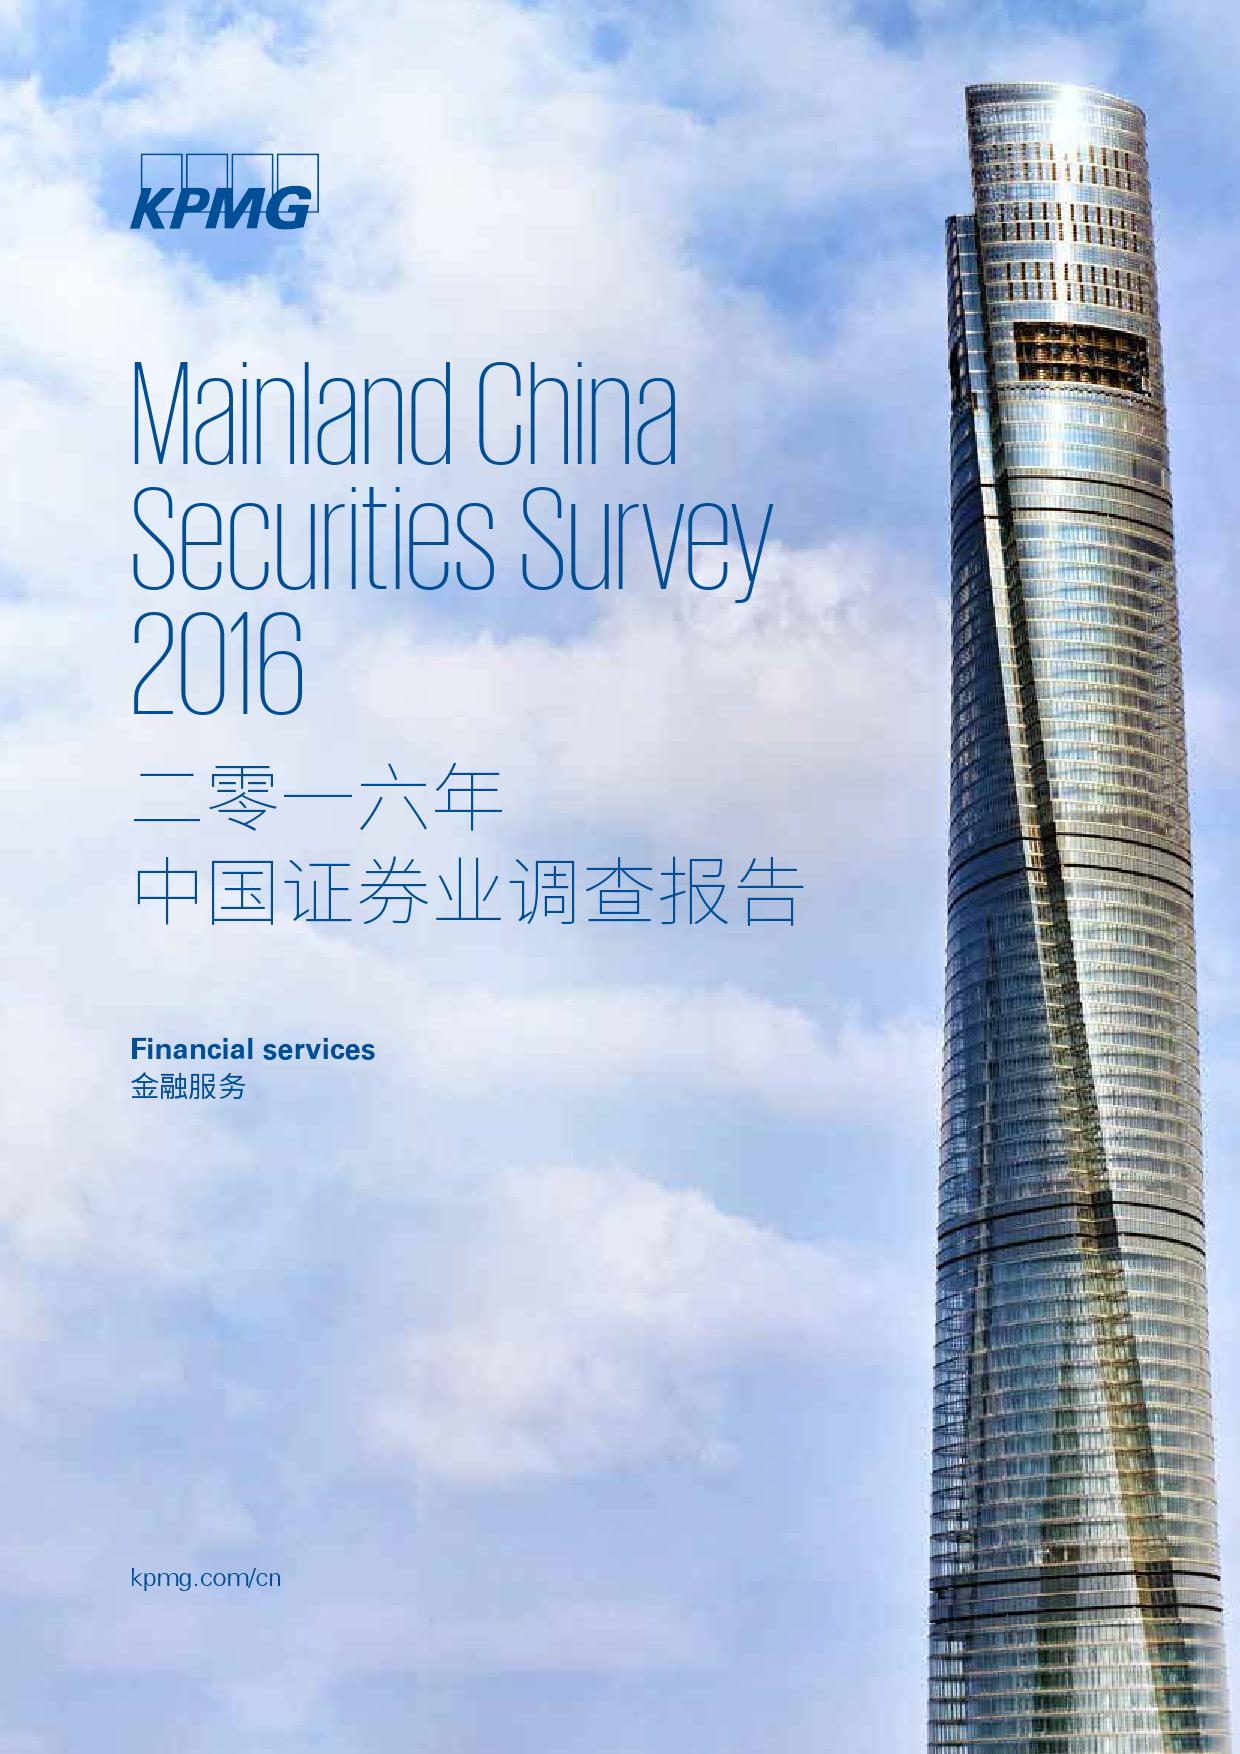 2016年中国证券业调查报告_000001